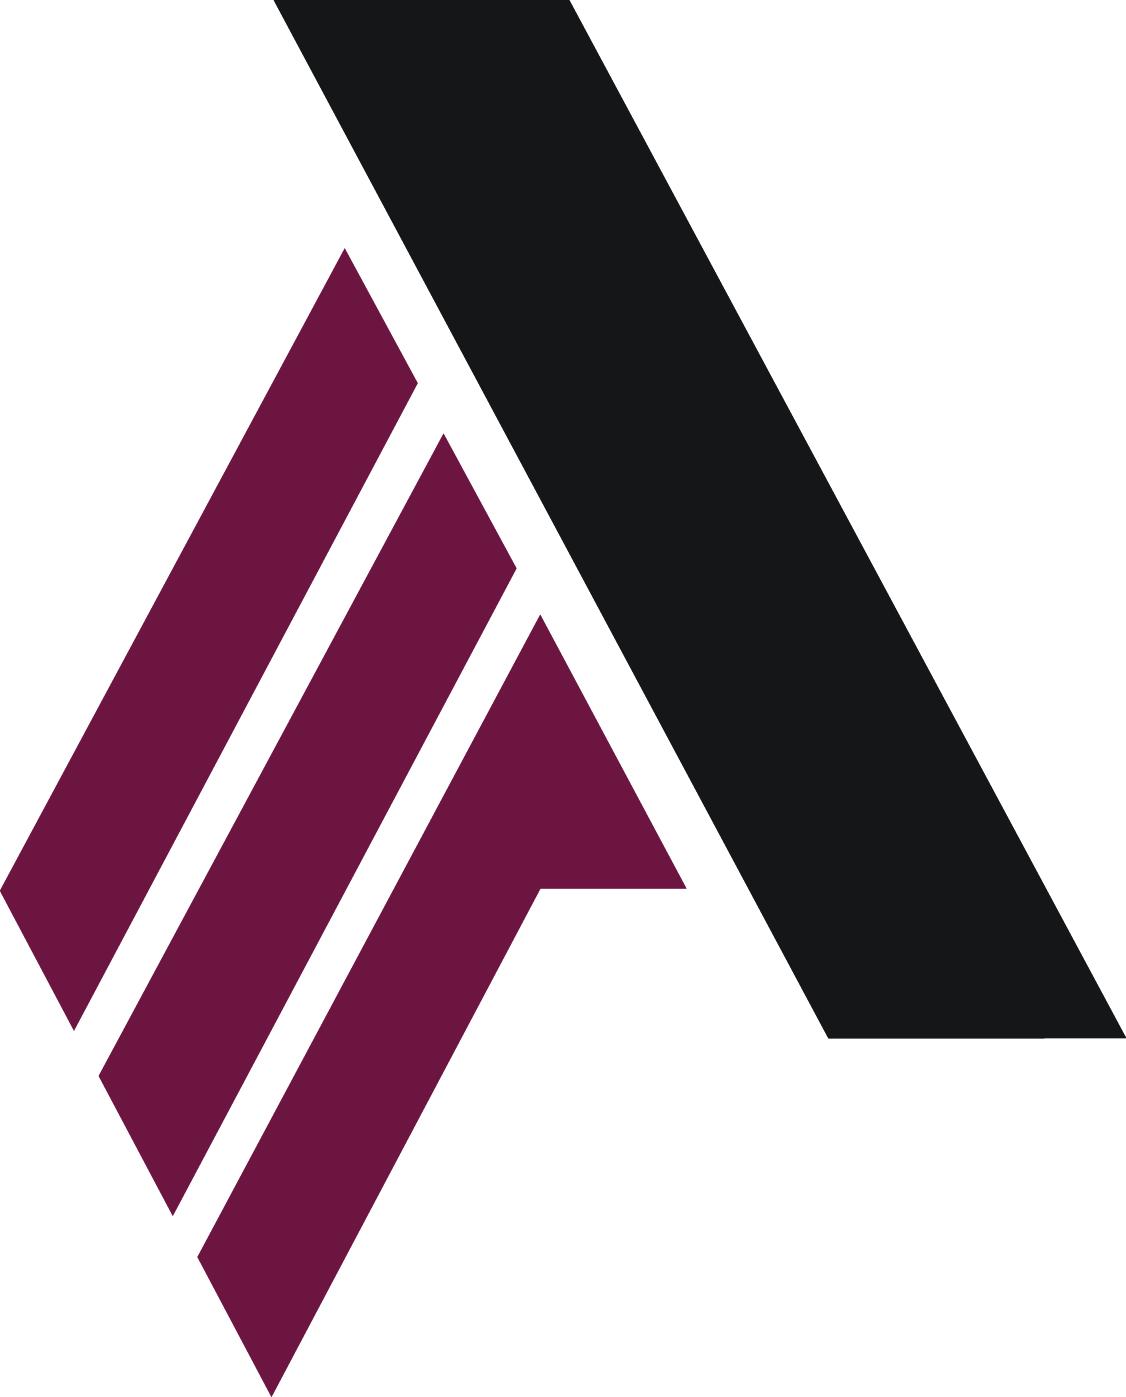 alpha _A_